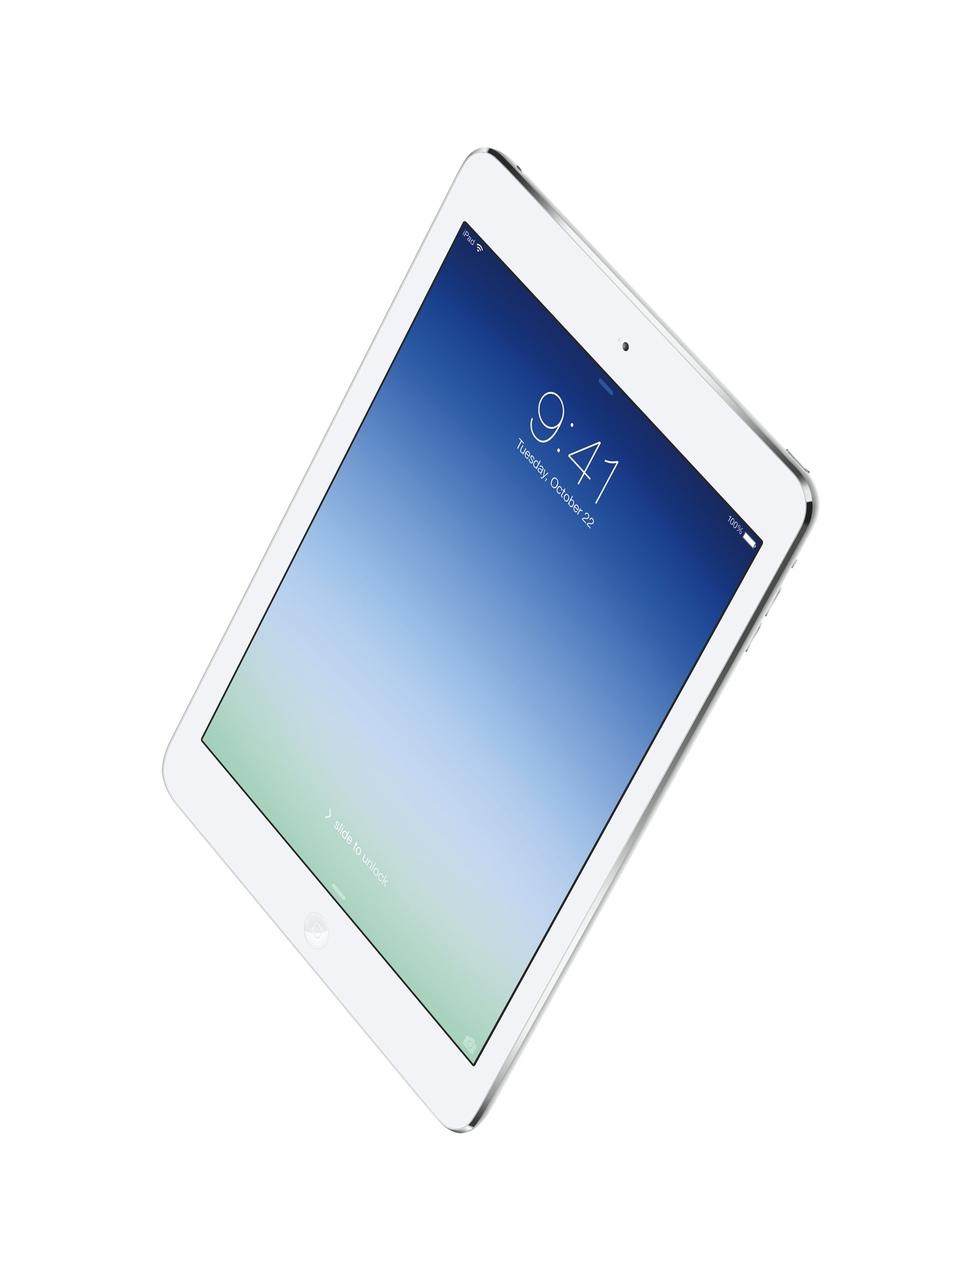 Vista frontal del iPad Air